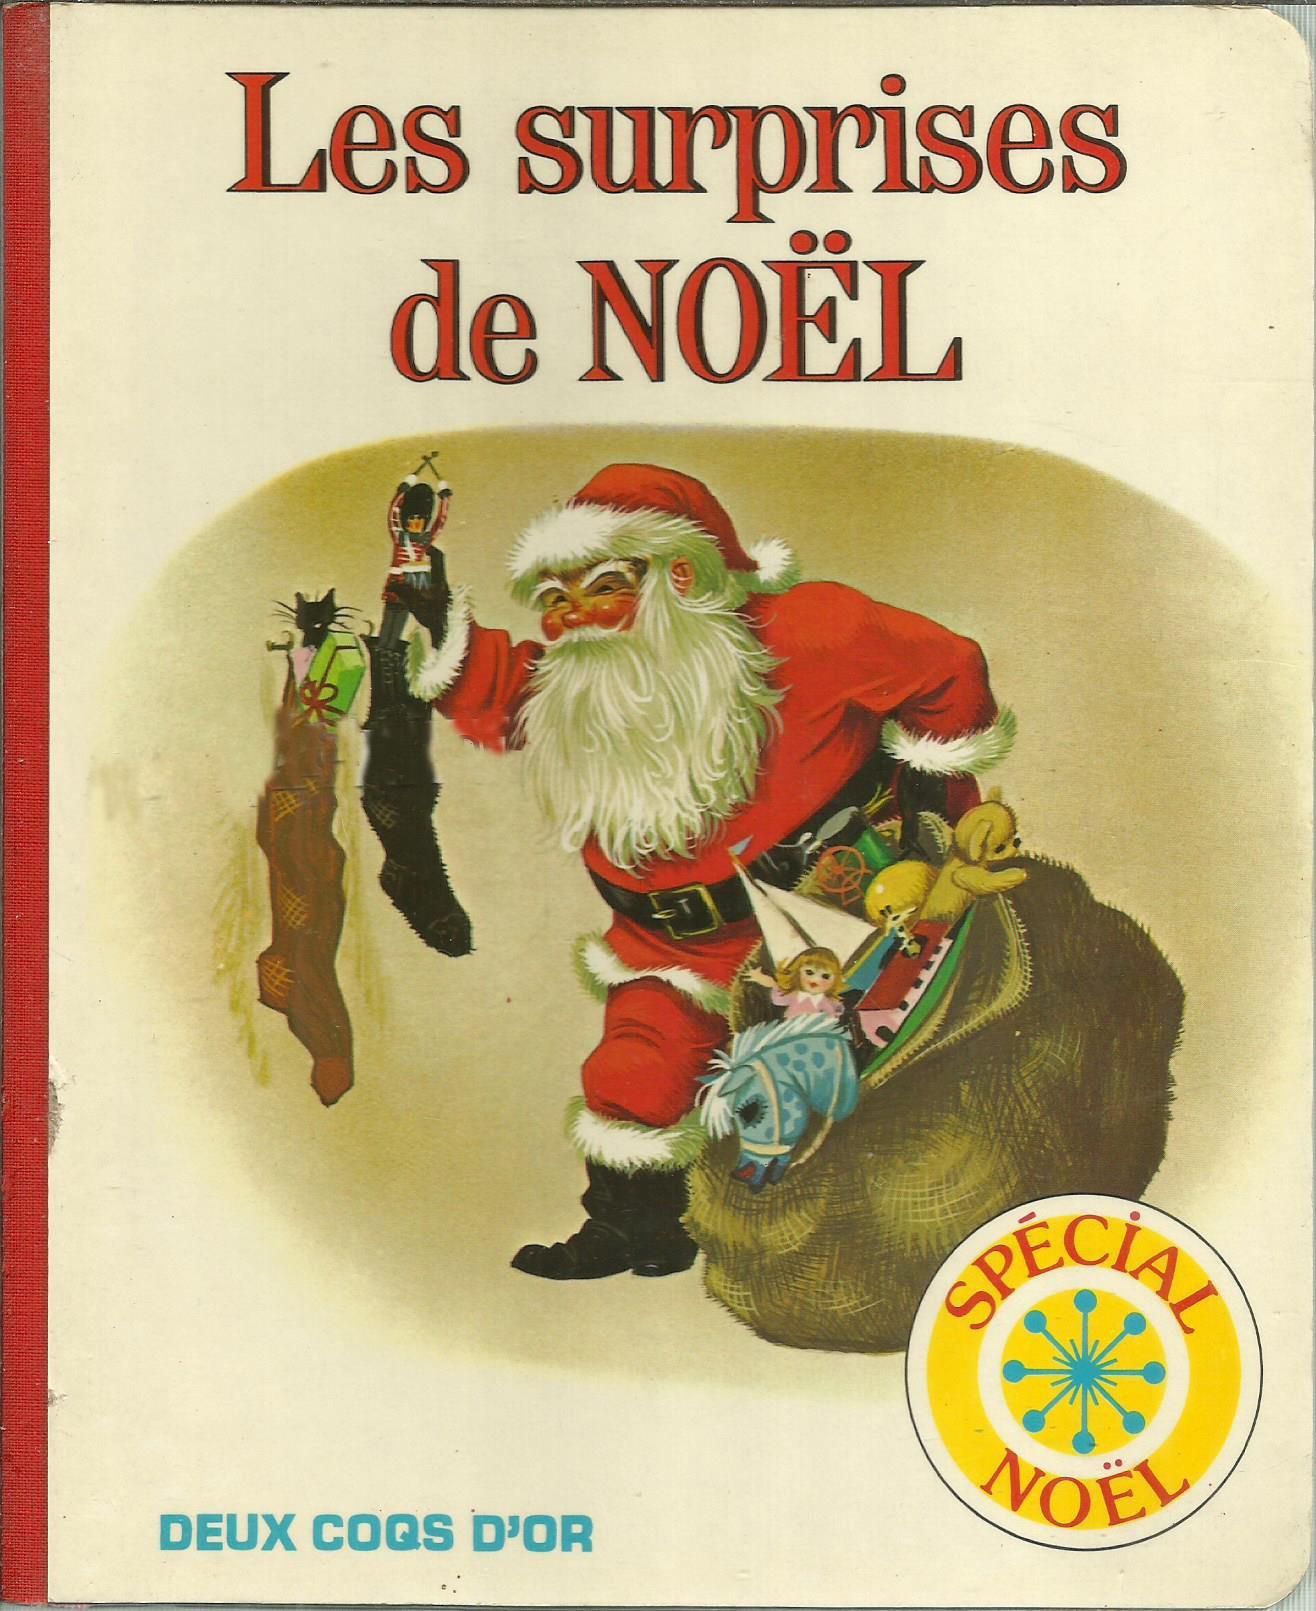 GJT French Les surprises de Noël night before christmas deux coqs dor 1981